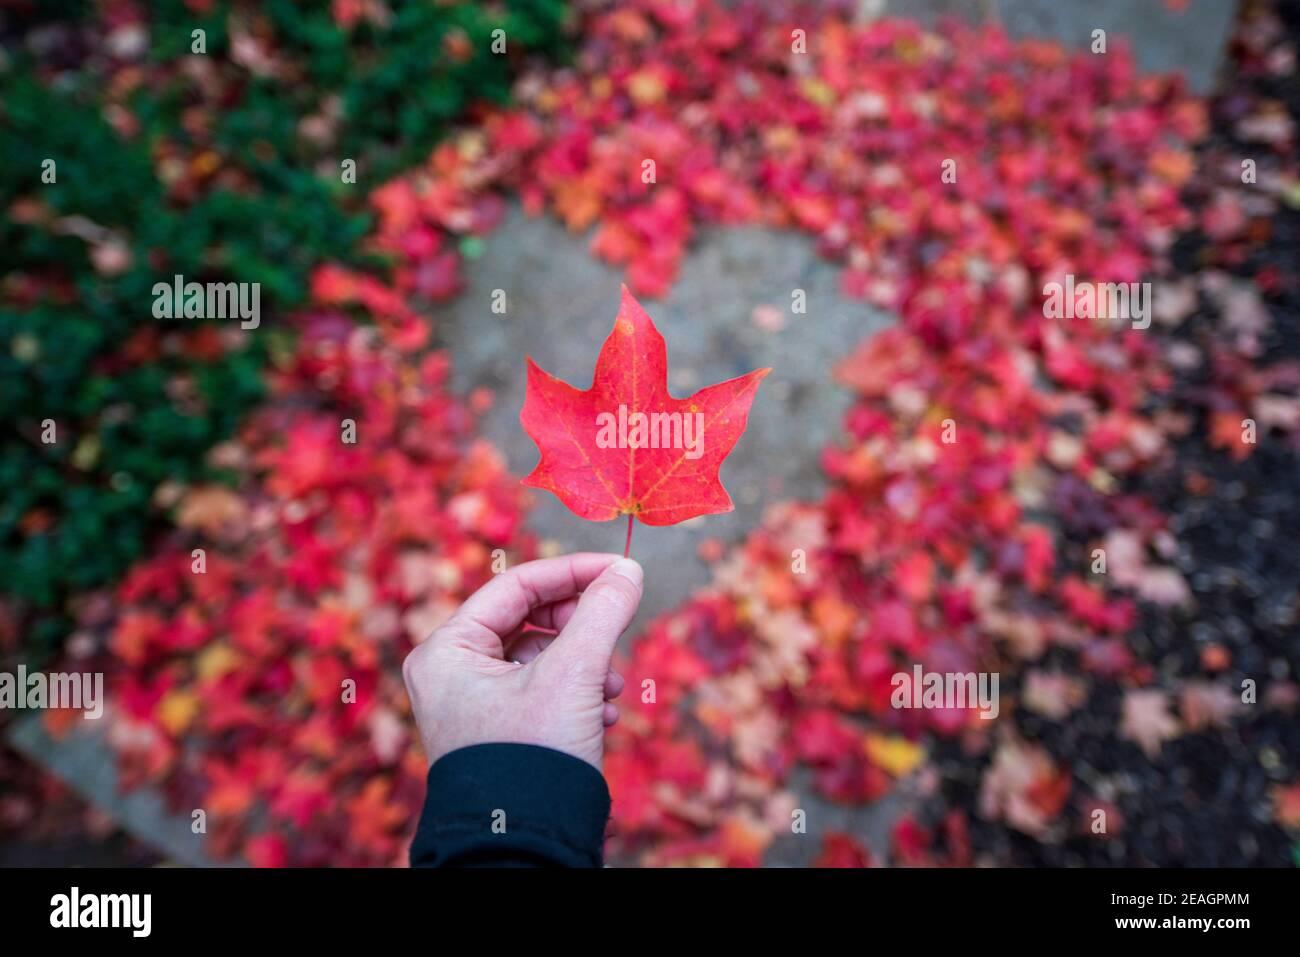 Giovane donna che tiene una singola foglia di acero rosso in piedi a forma di cuore creata da foglie di acero rosso e arancio autunno. Superficie asfaltata al centro. Pl. Vuoto Foto Stock